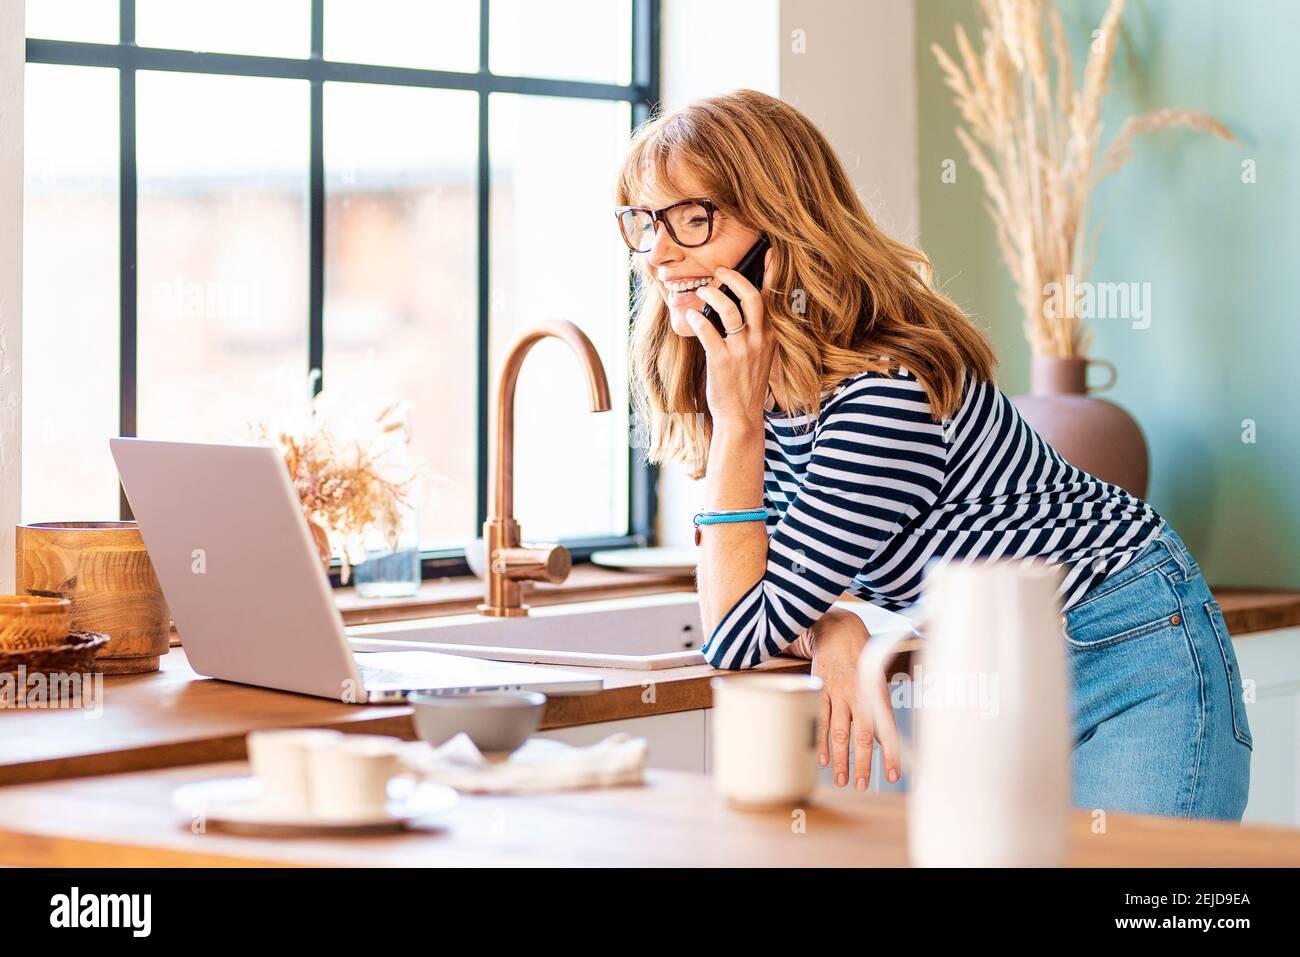 Photo d'une femme d'âge moyen utilisant un ordinateur portable et un téléphone portable dans la cuisine à la maison. Bureau à domicile. Banque D'Images